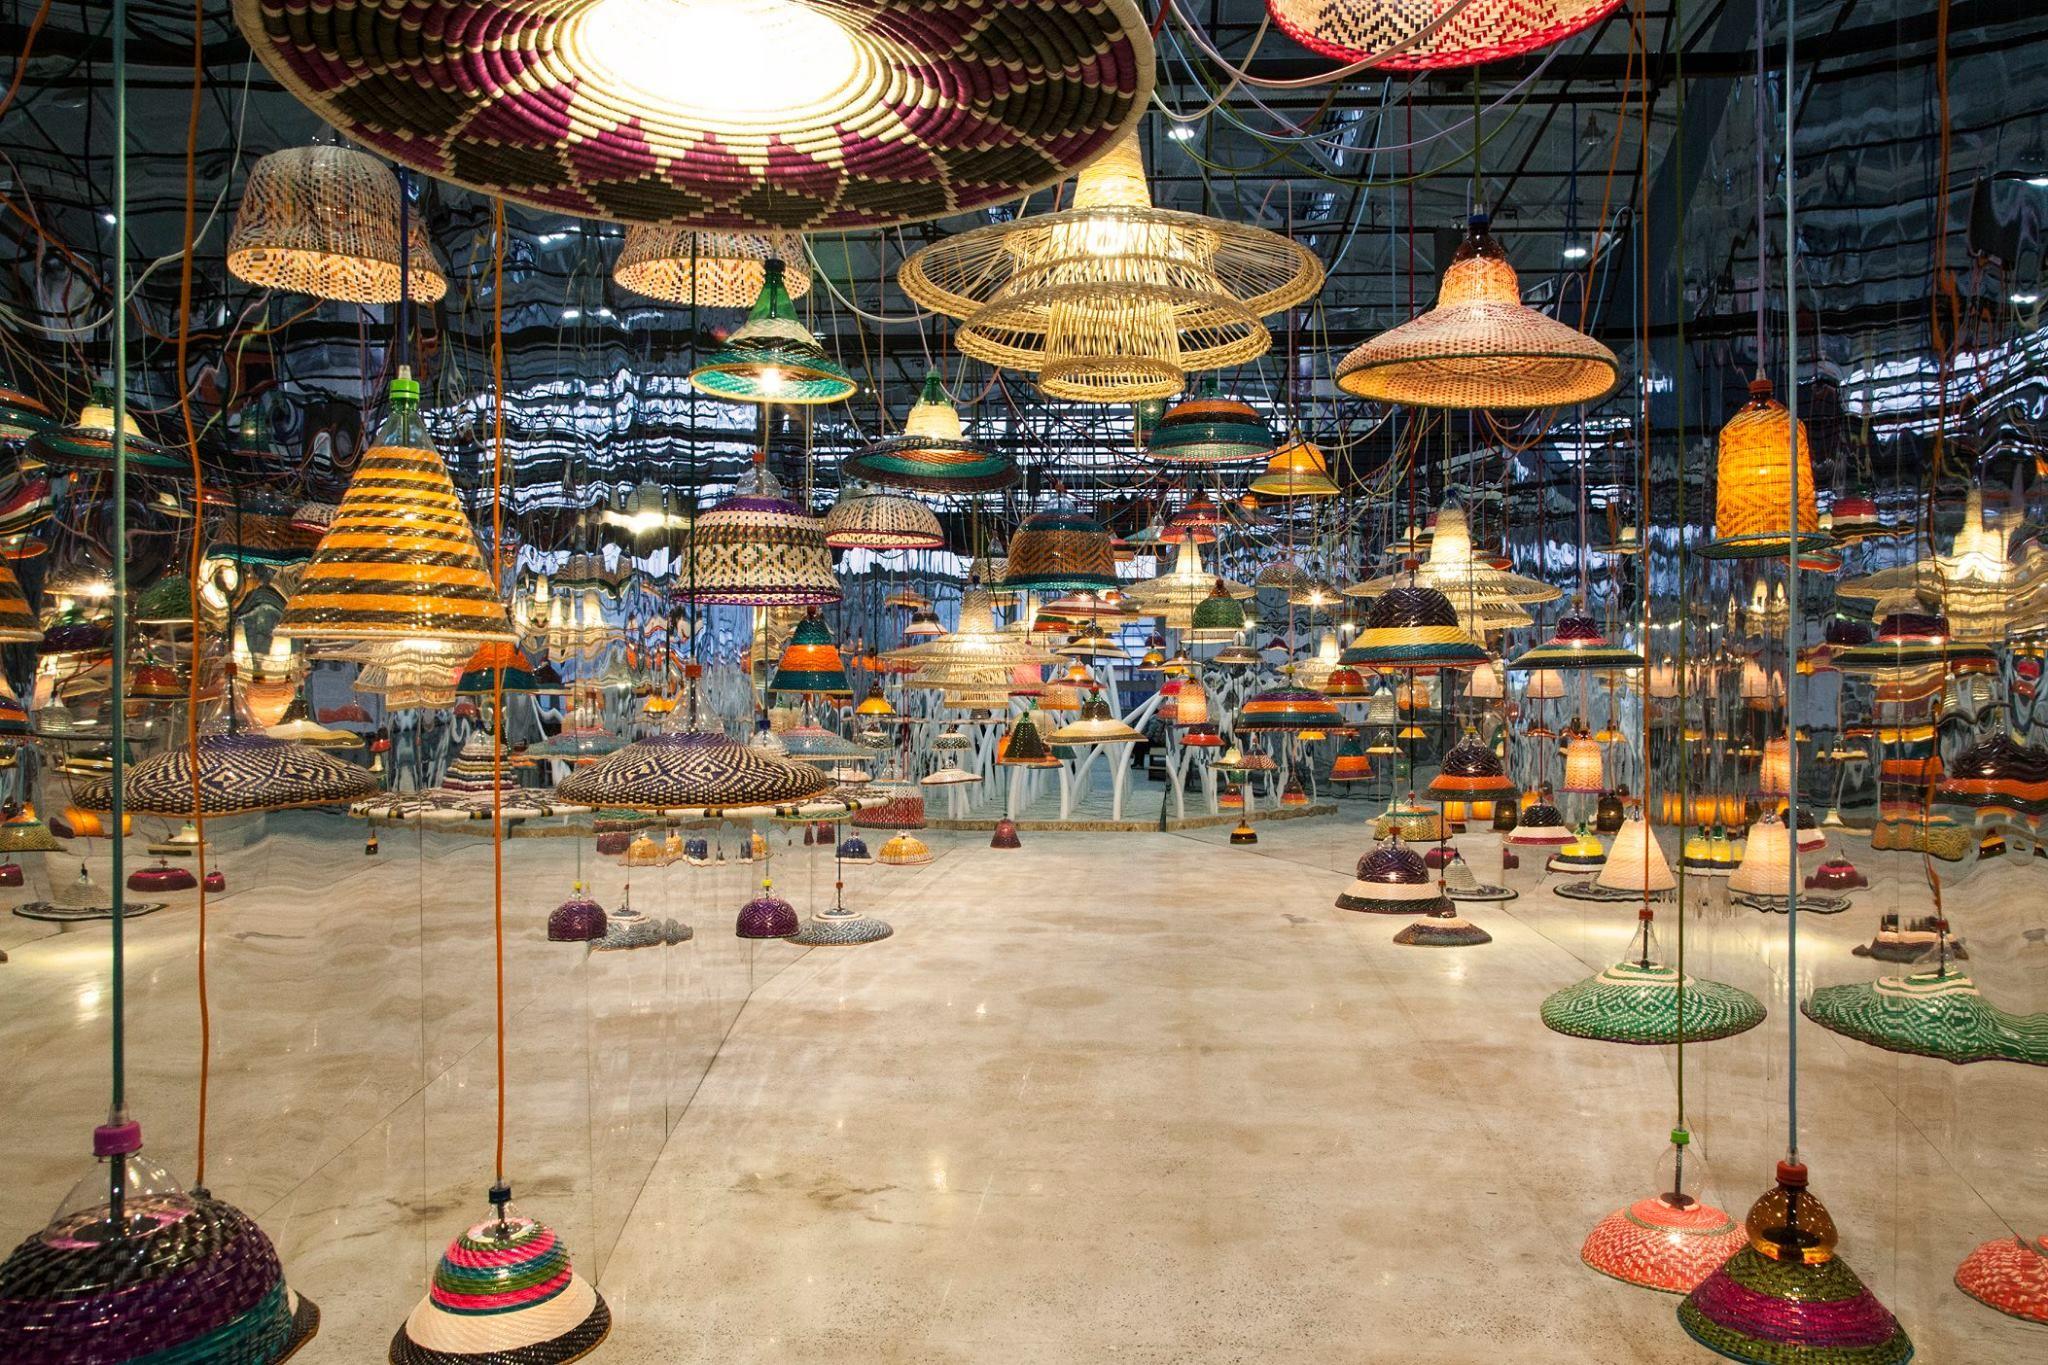 Pet lamps http://www.petlamp.org